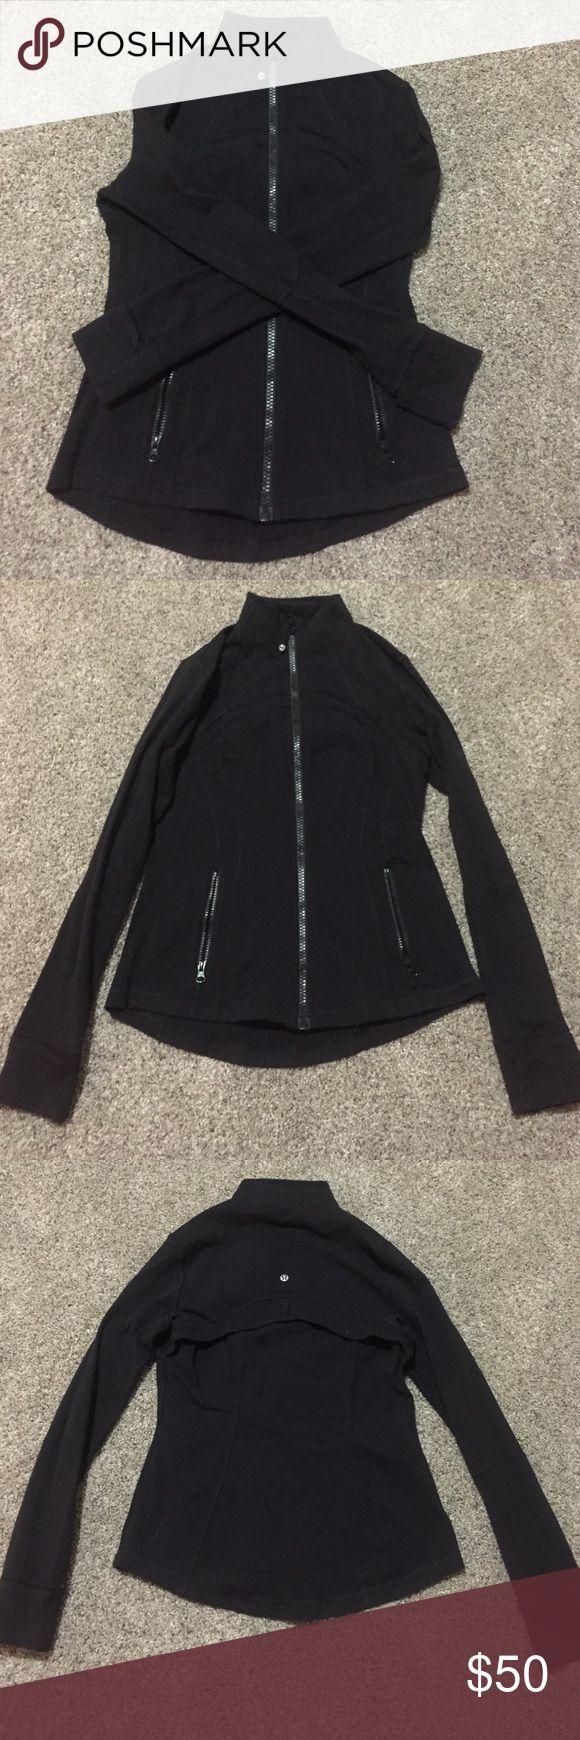 Lululemon Define Jacket Good condition lululemon athletica Jackets & Coats